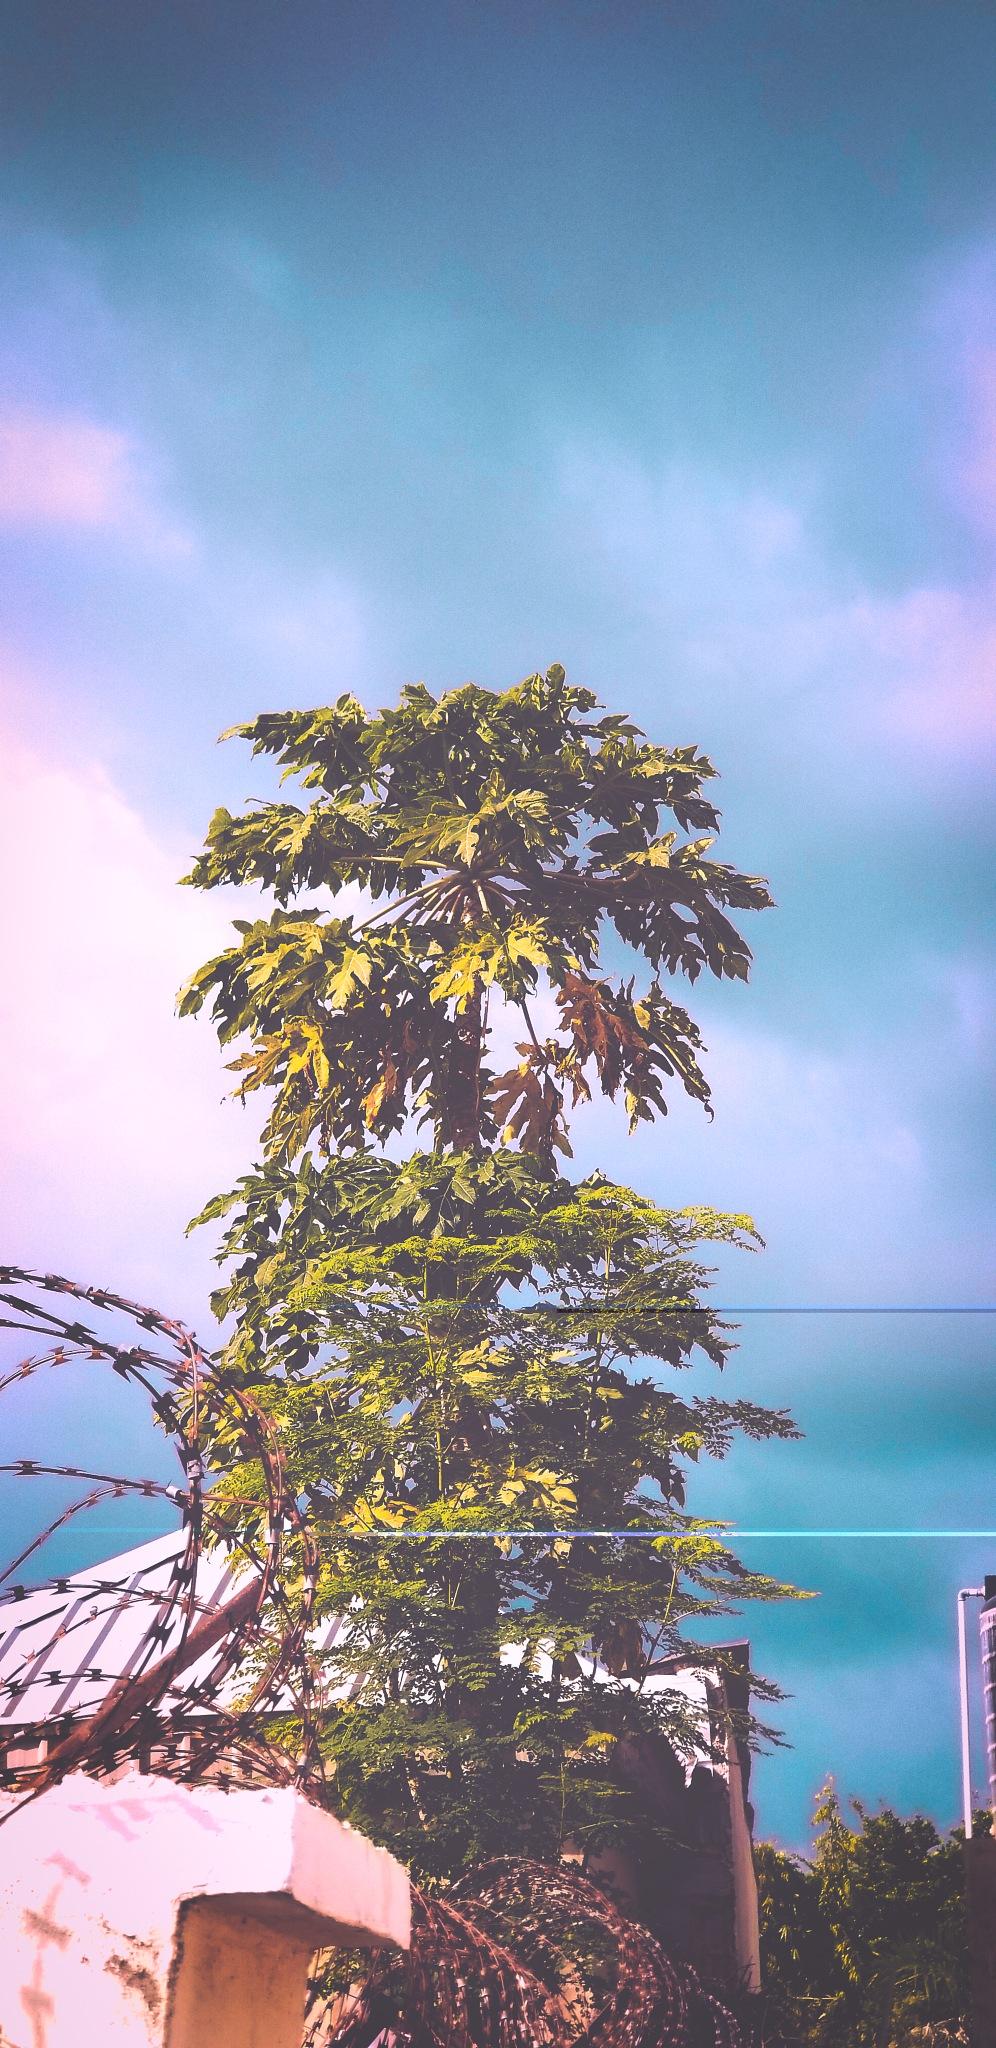 tree by jossybtk